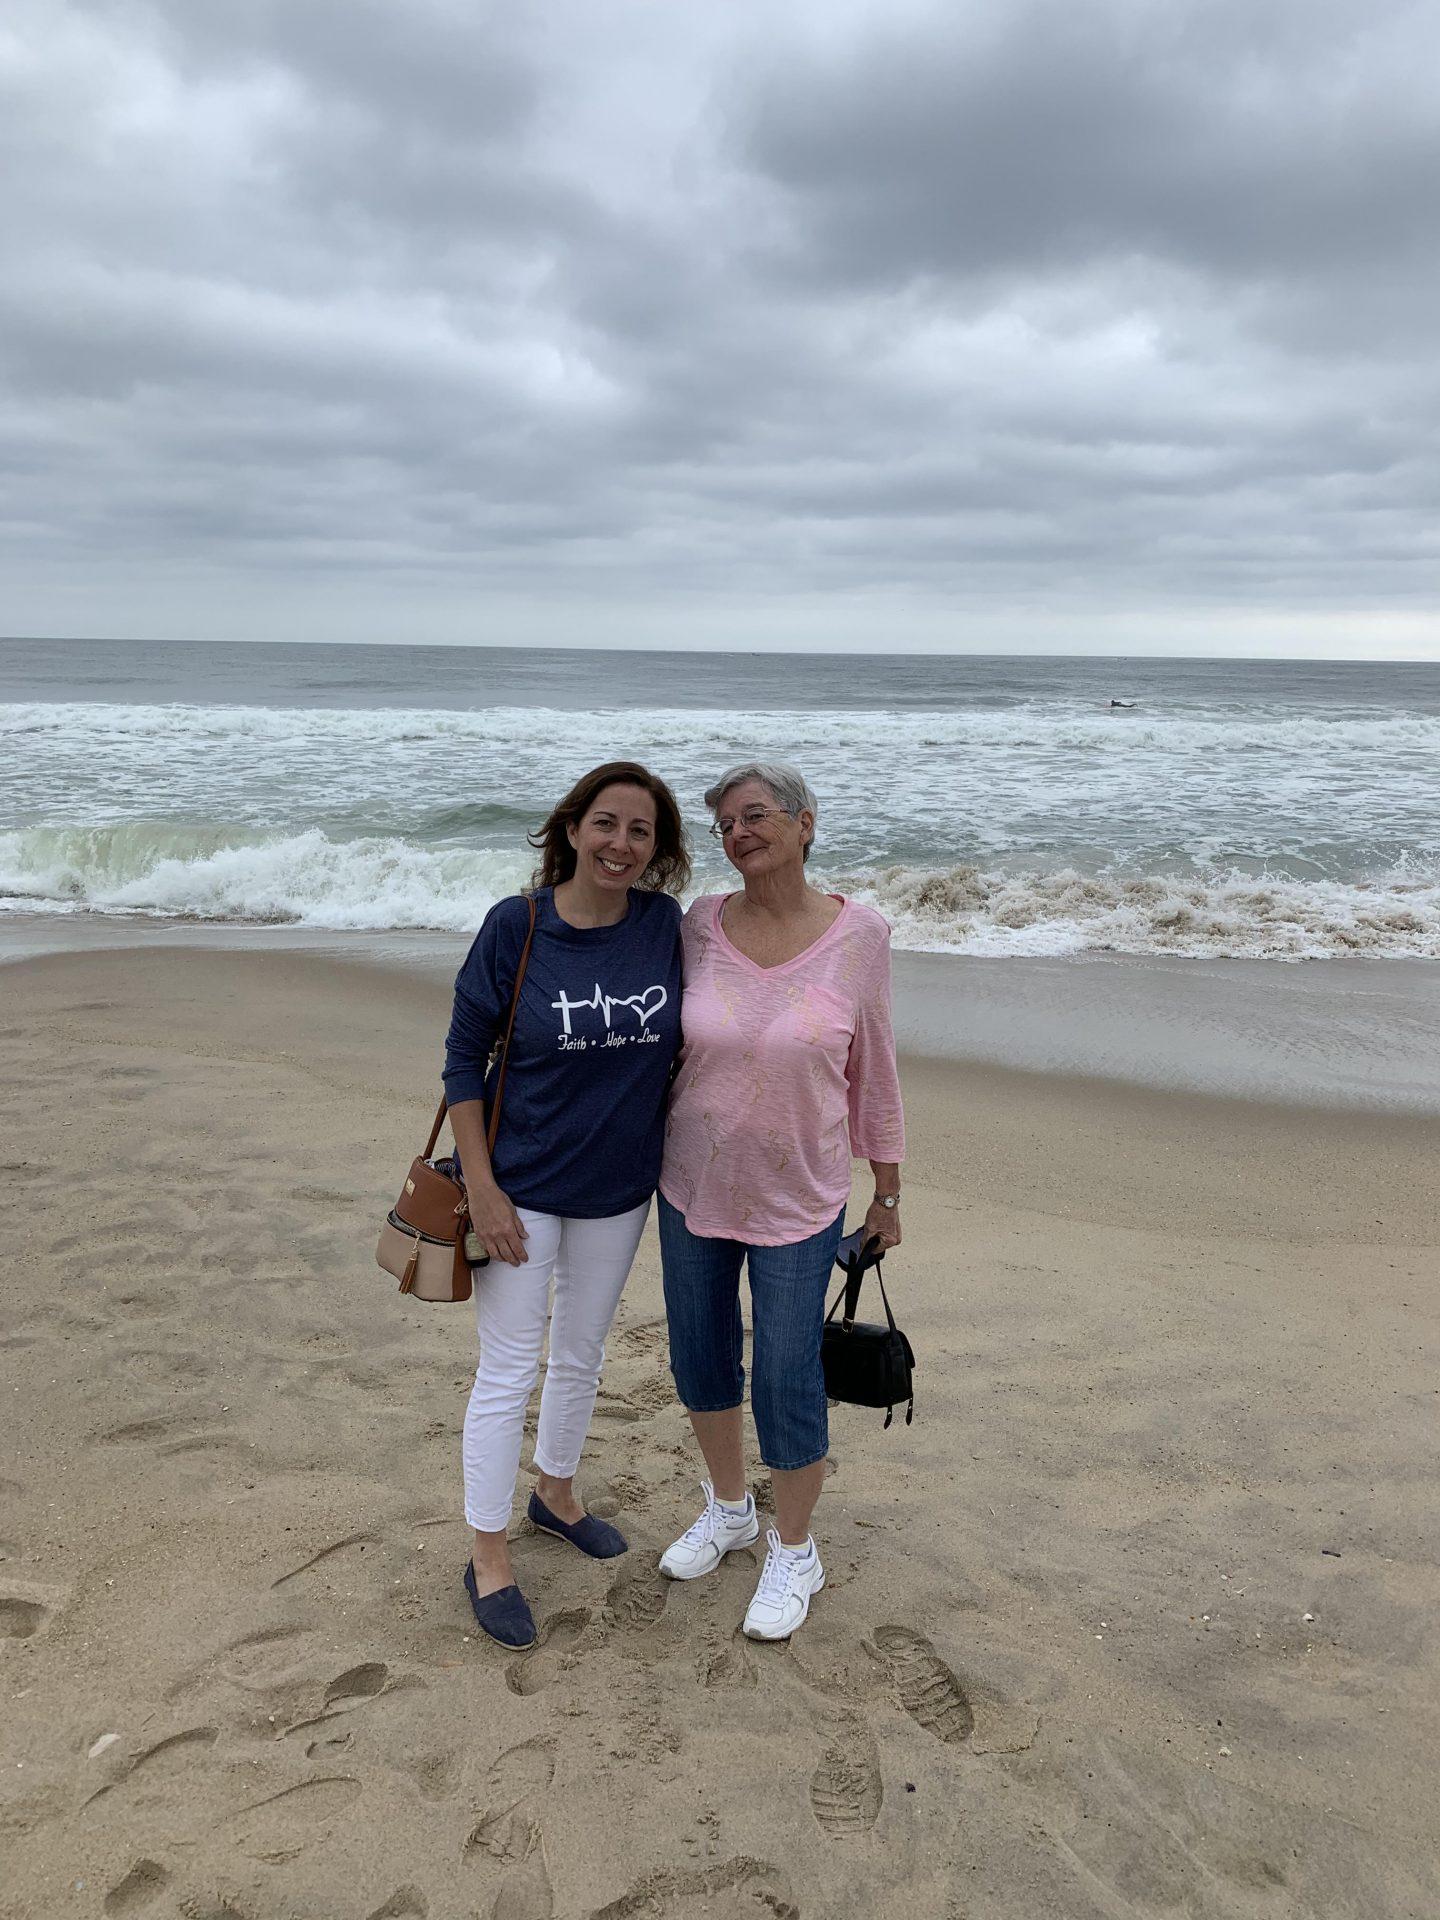 Mom loved the beach